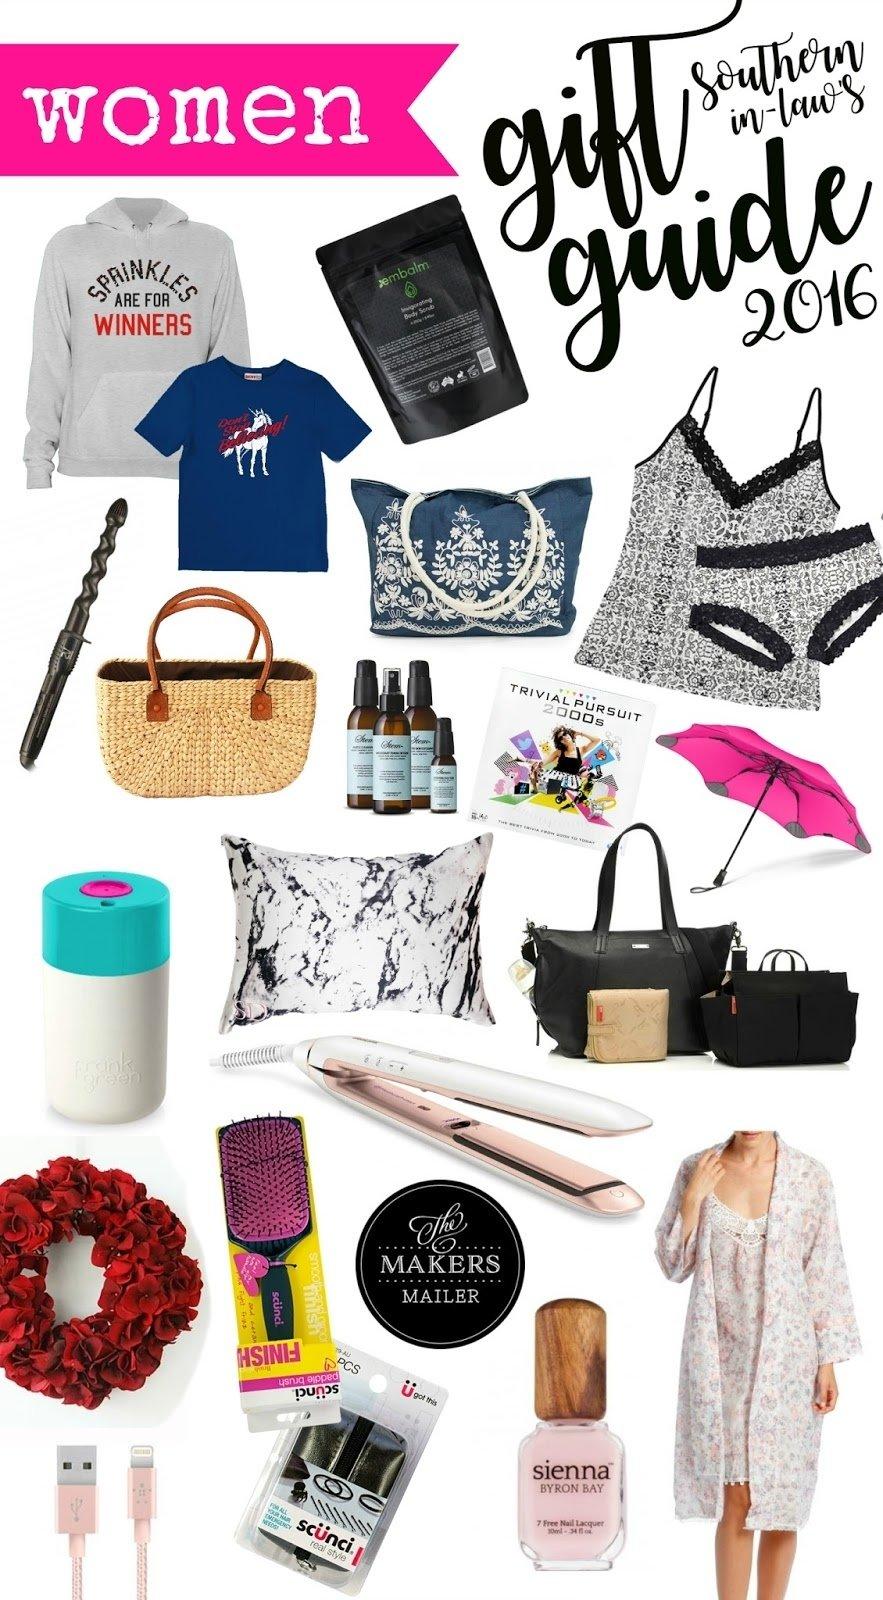 Girlfriends christmas gift ideas